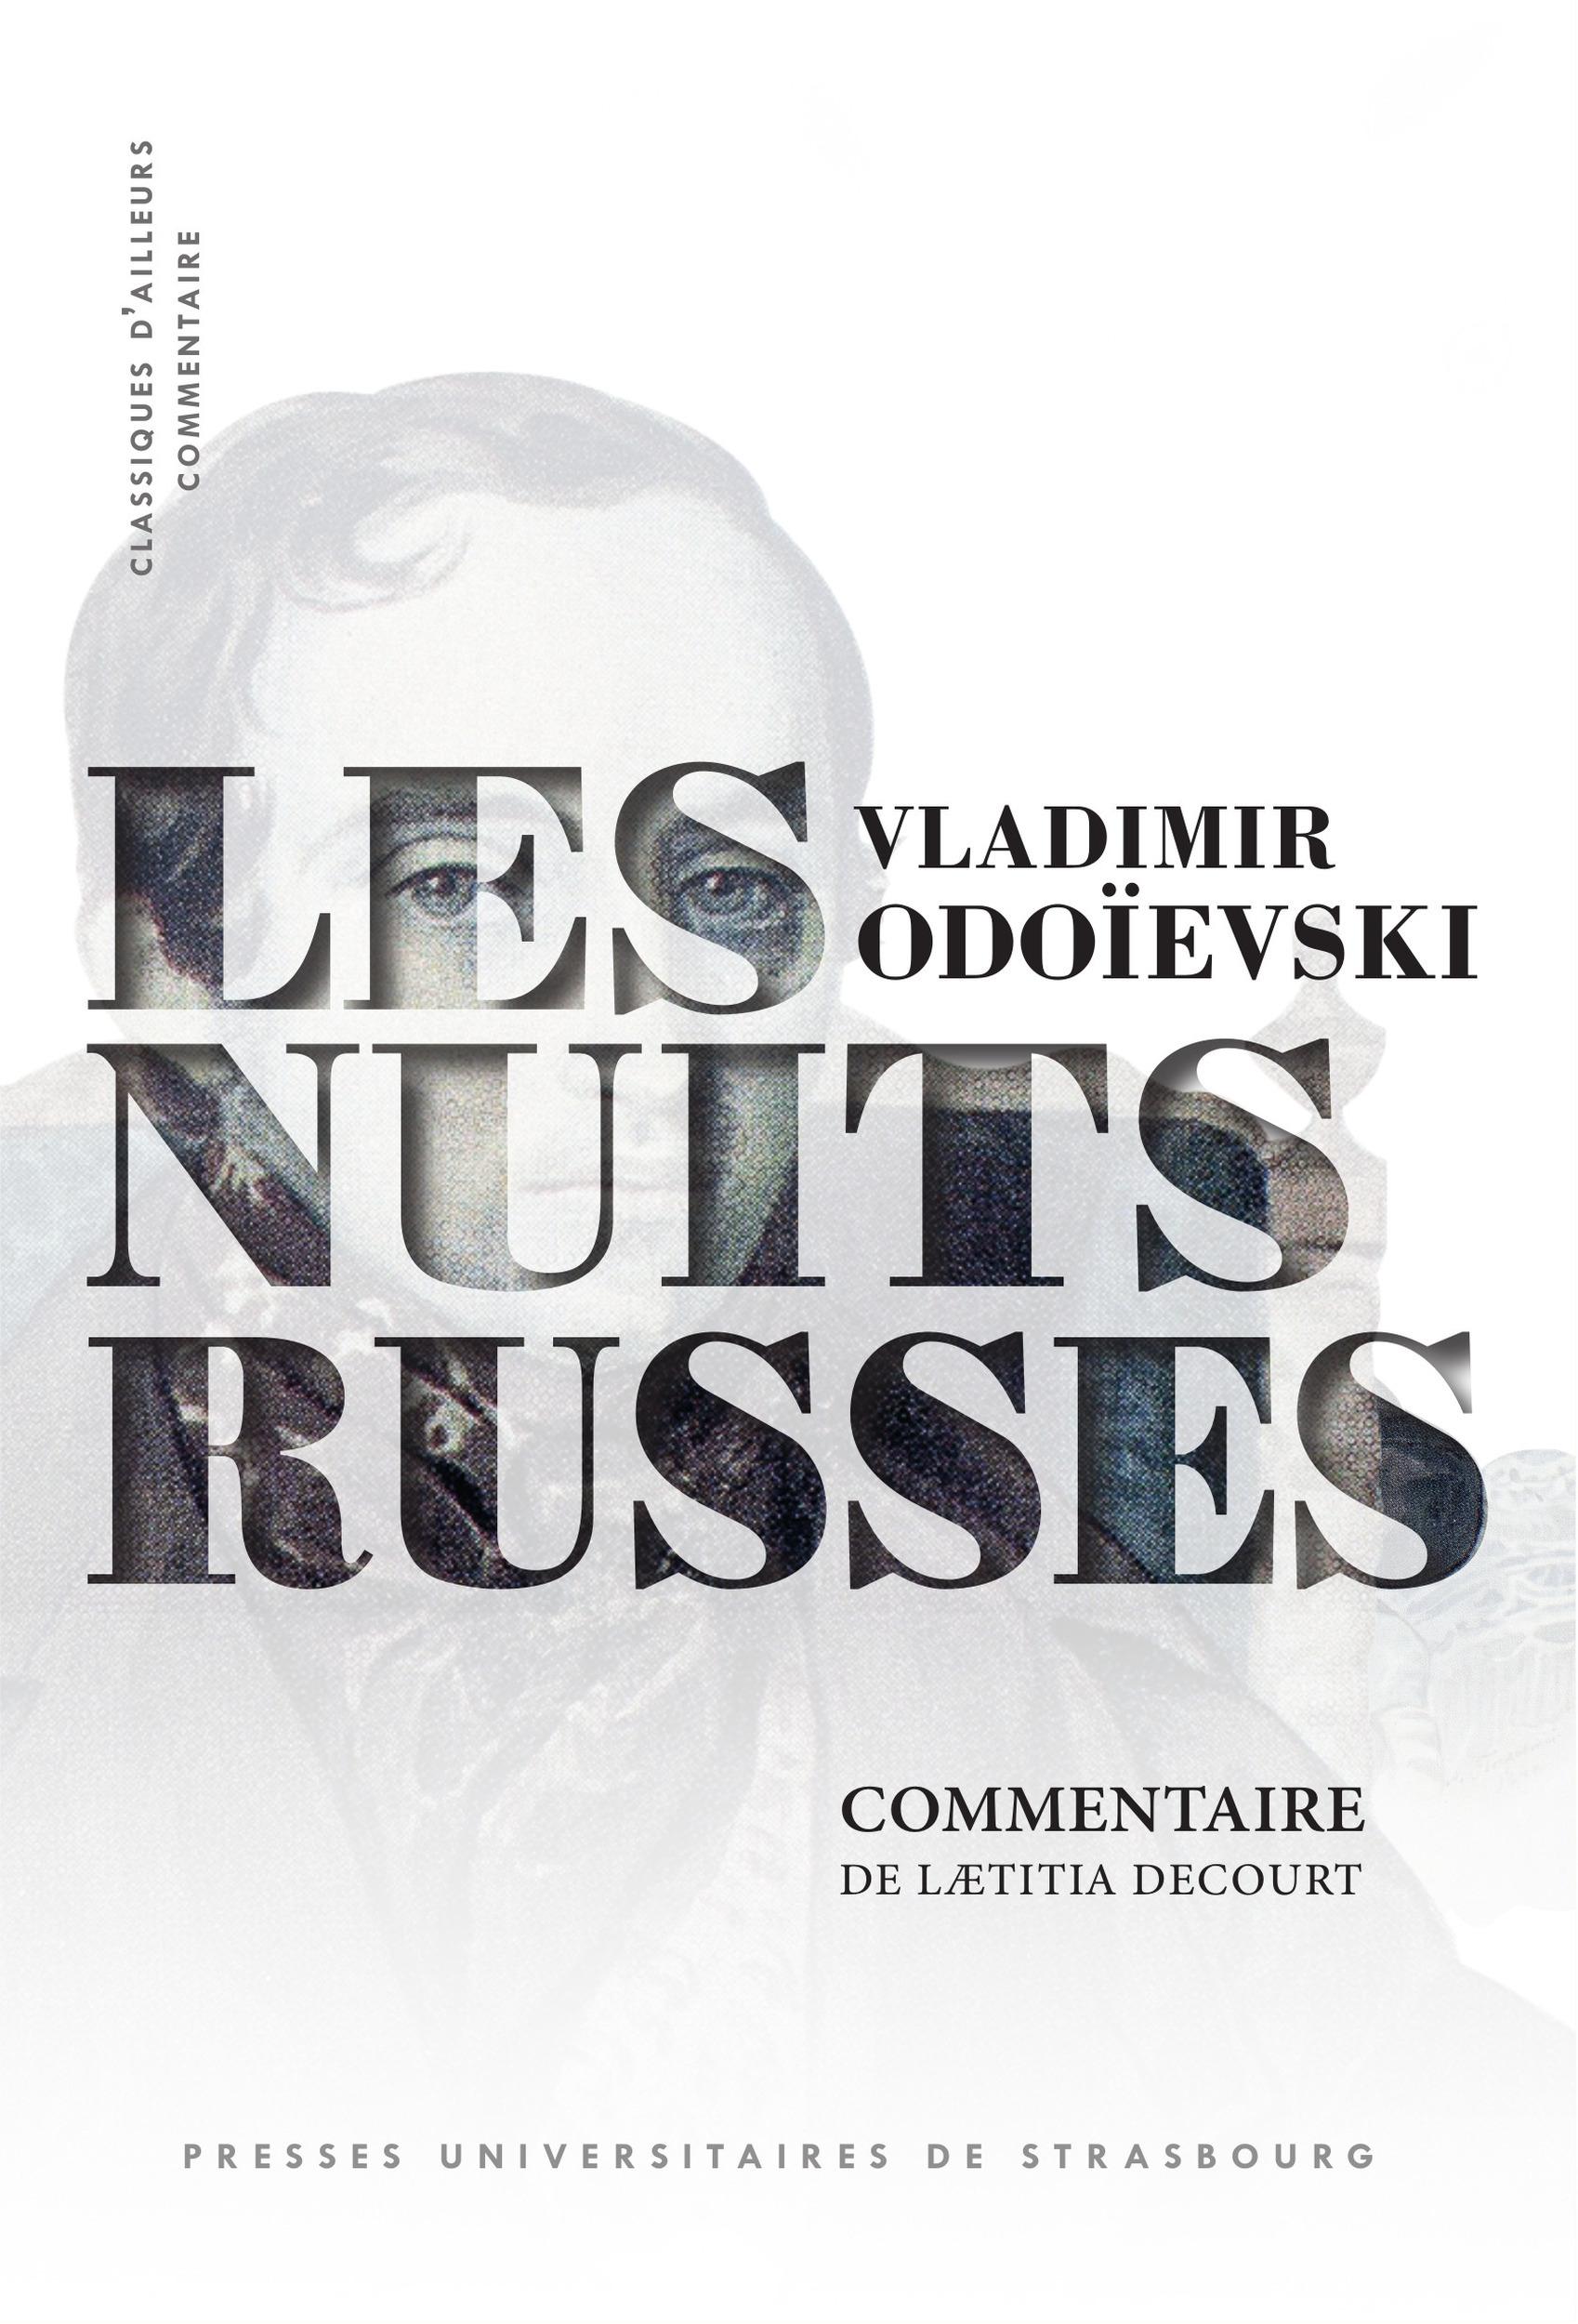 """Vladimir odoievski, """"les nuits russes"""" - 1844  - Lætitia Decourt  - Decourt Laetitia"""